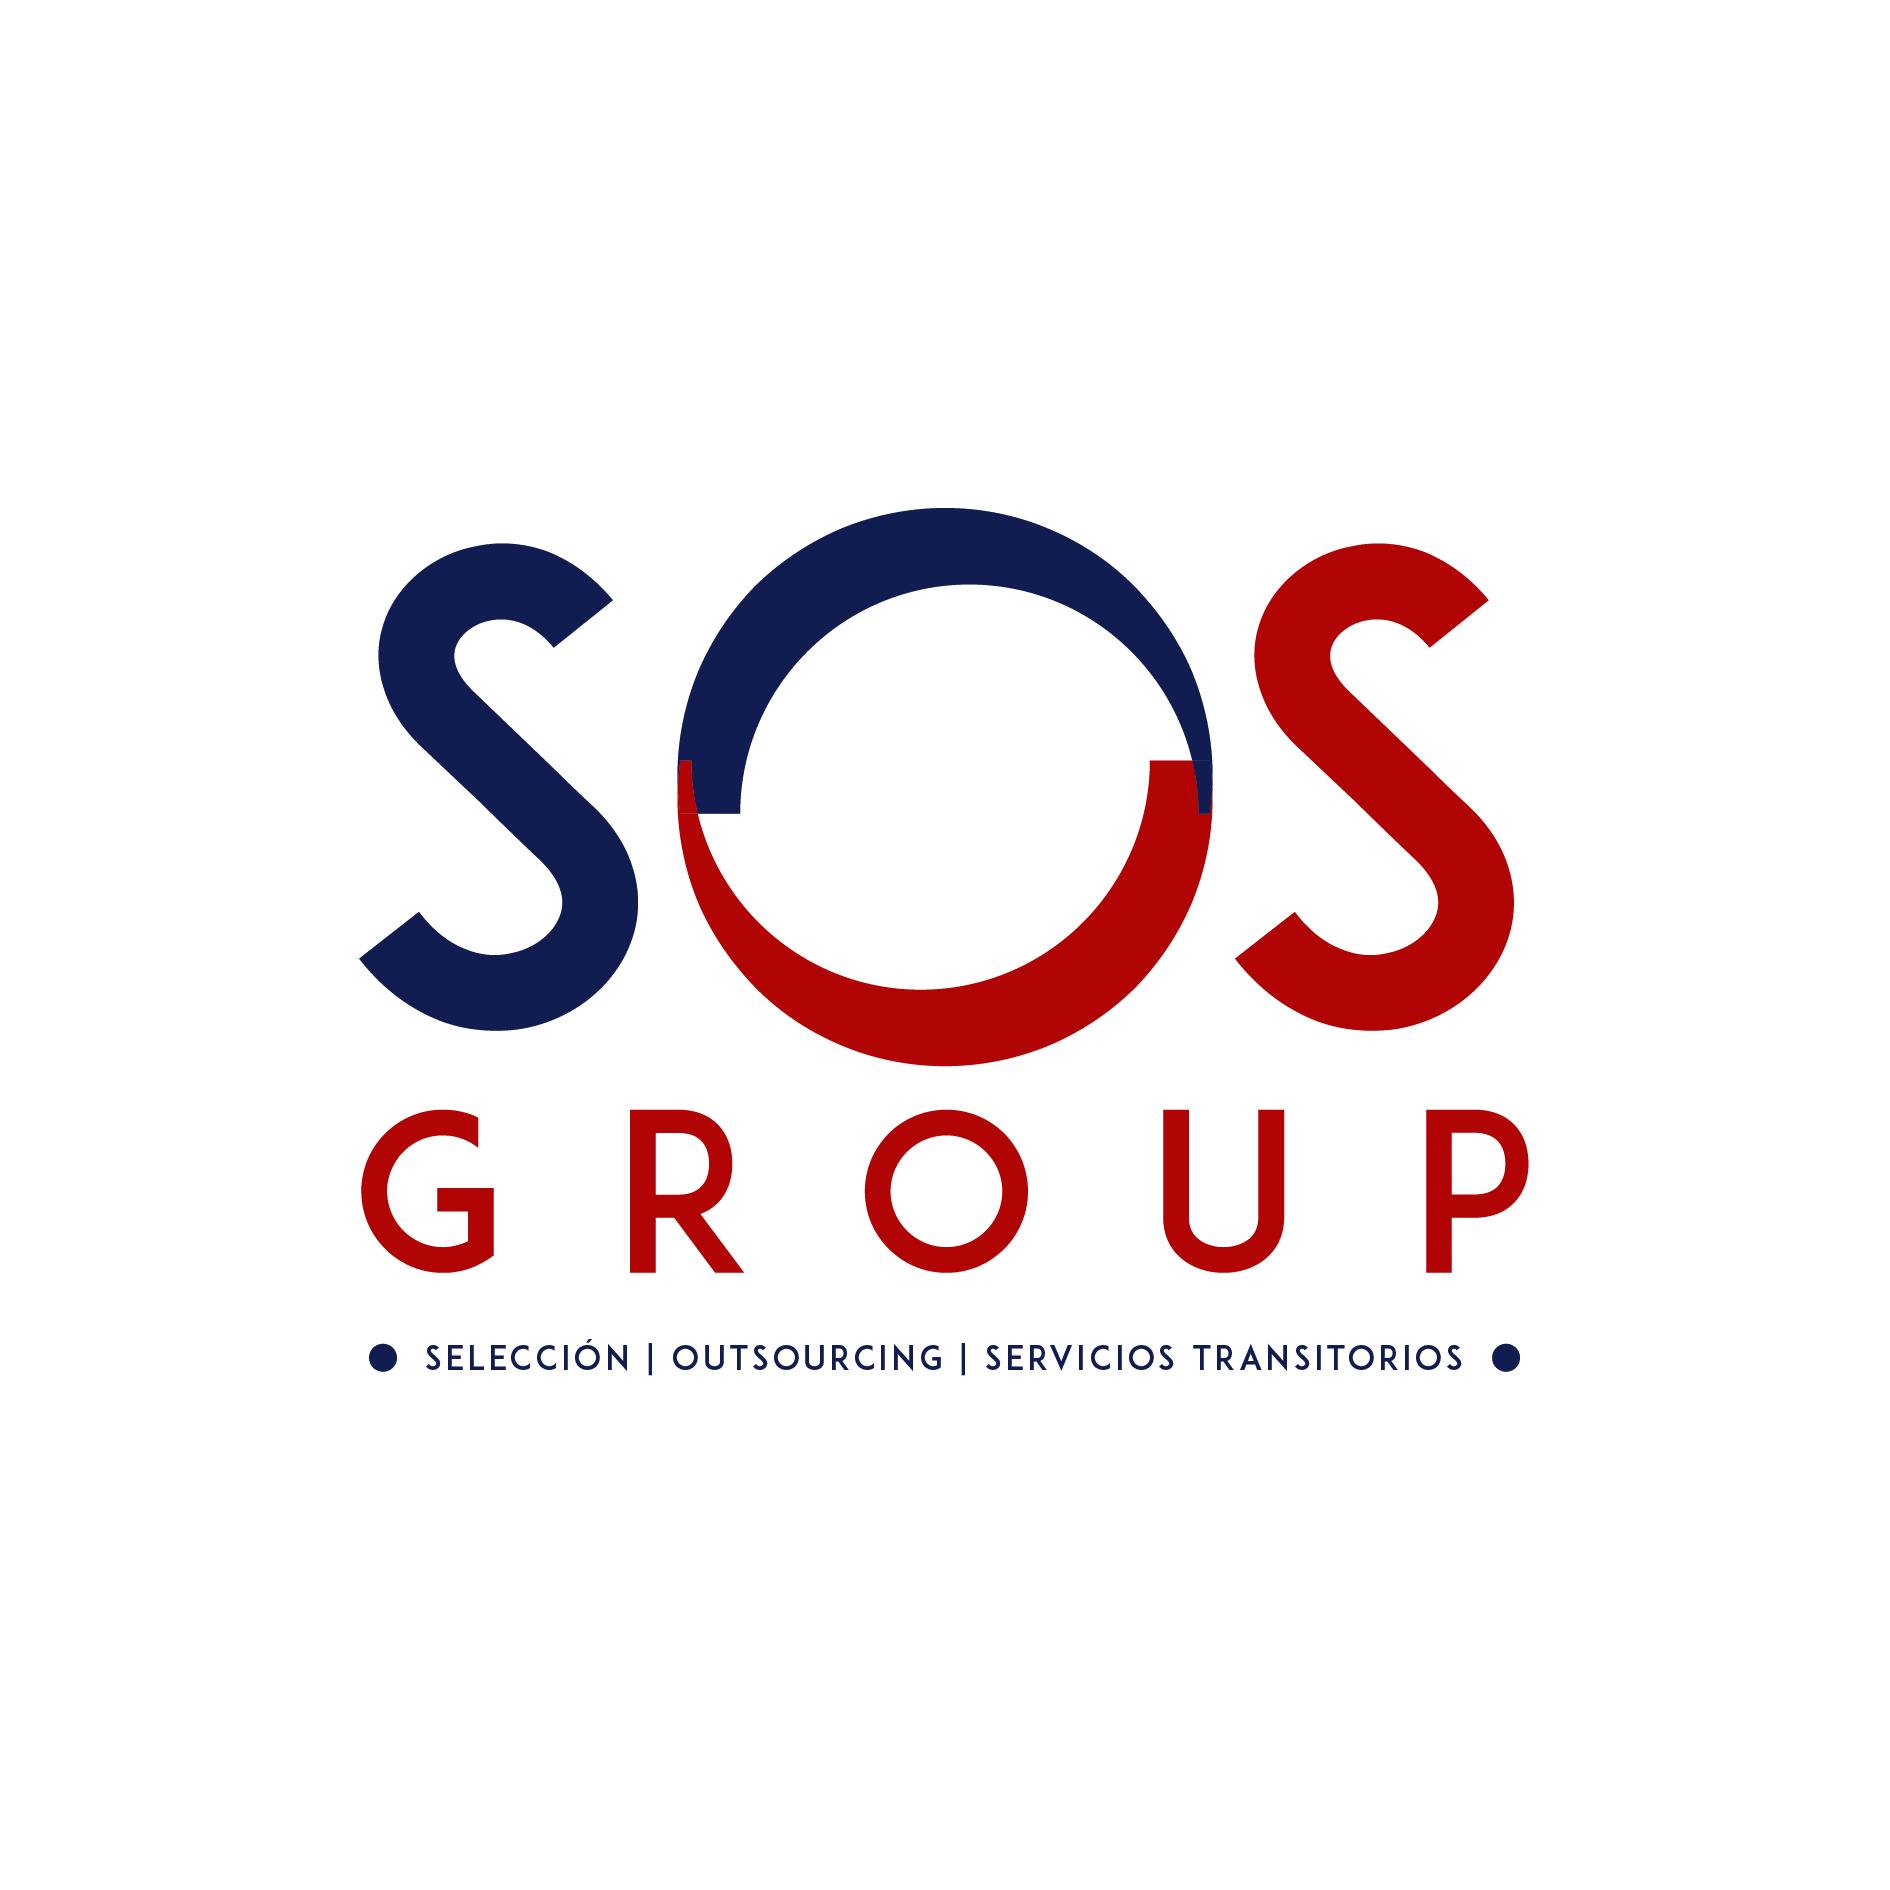 EST SOS GROUP